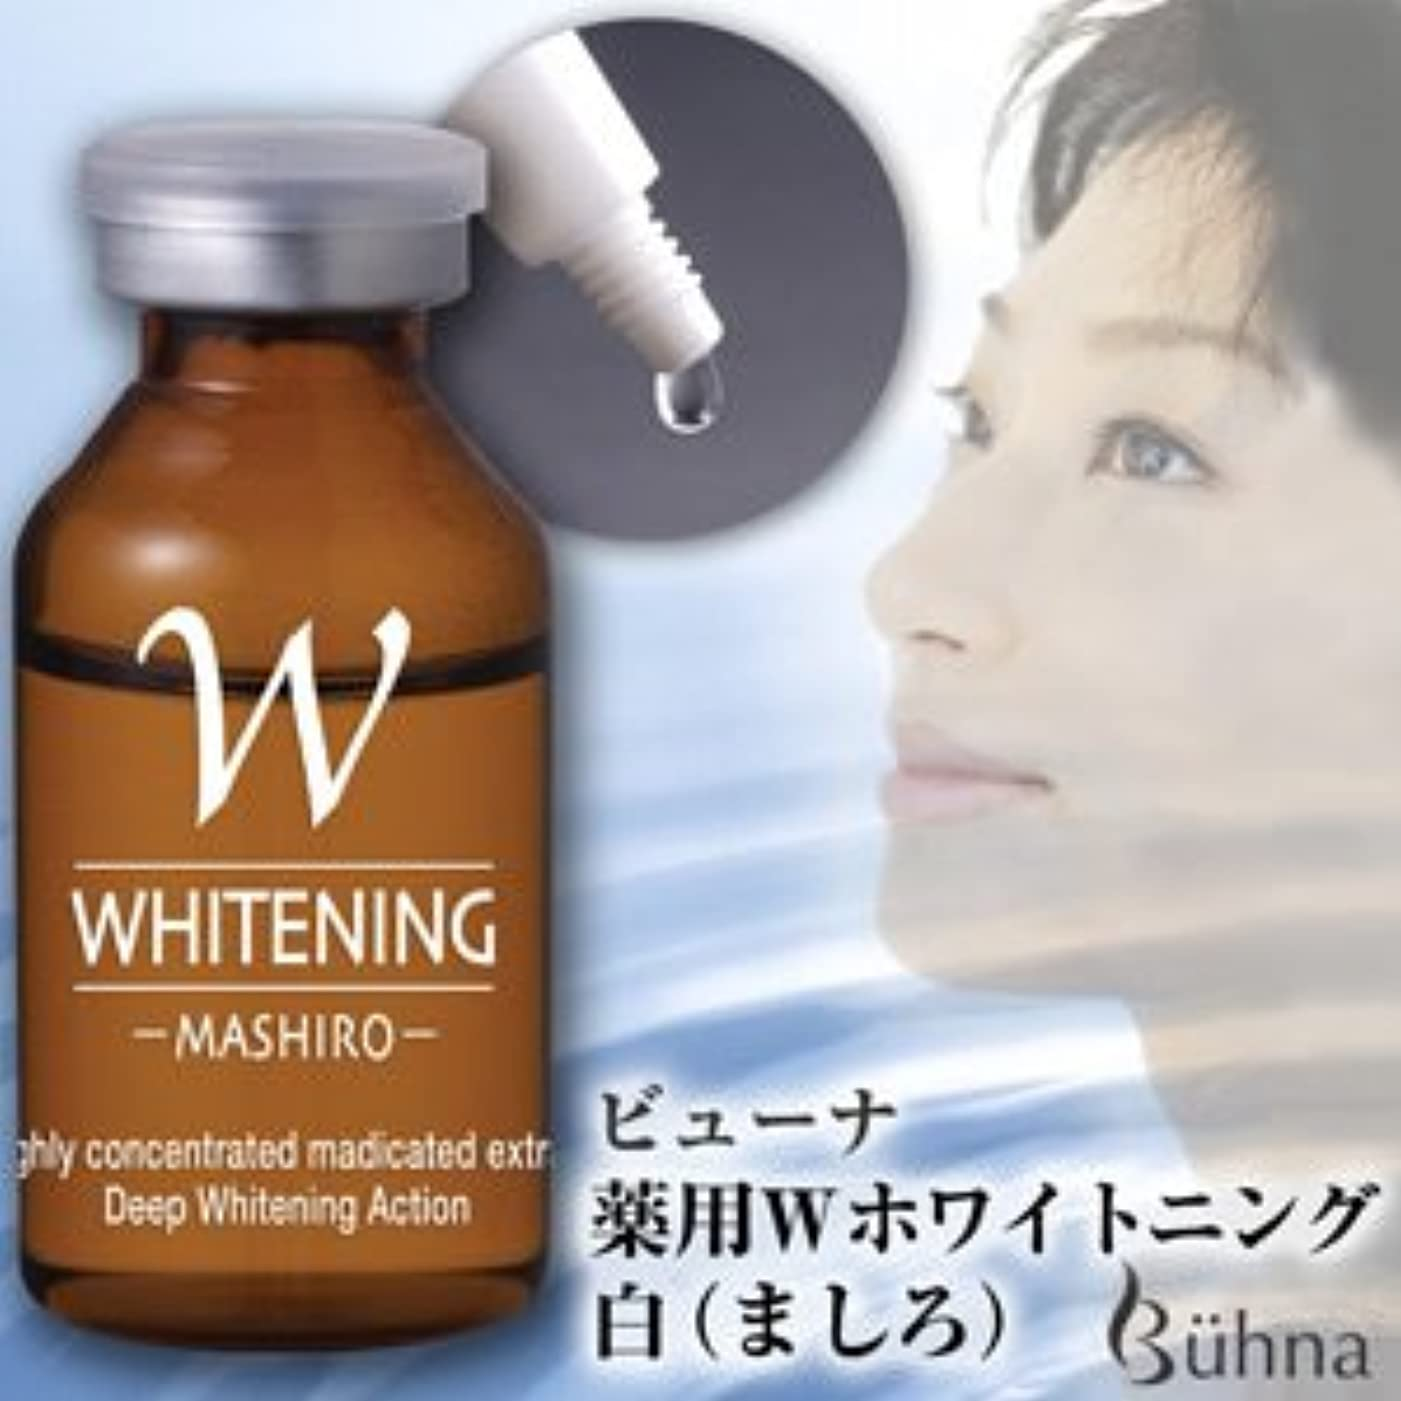 ことわざアクセル法律超高濃度!W原液がシミを断つ、翌朝の肌で感じる美肌力『薬用ダブルホワイトニング白(ましろ)』